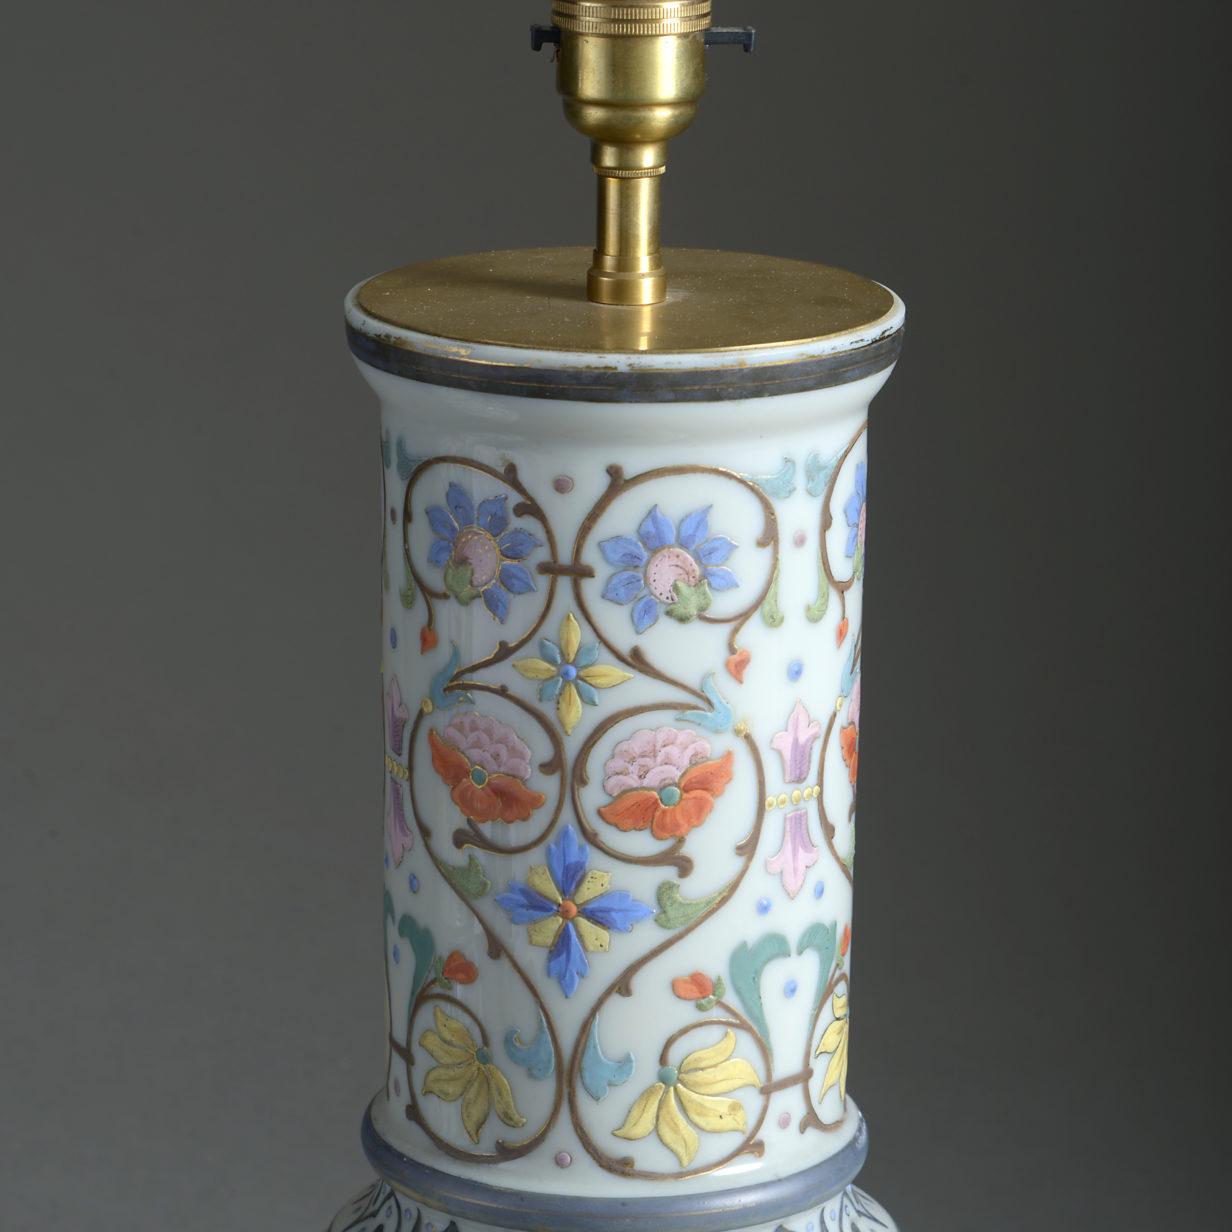 Pair of Bulbous Opaline Vase Lamps